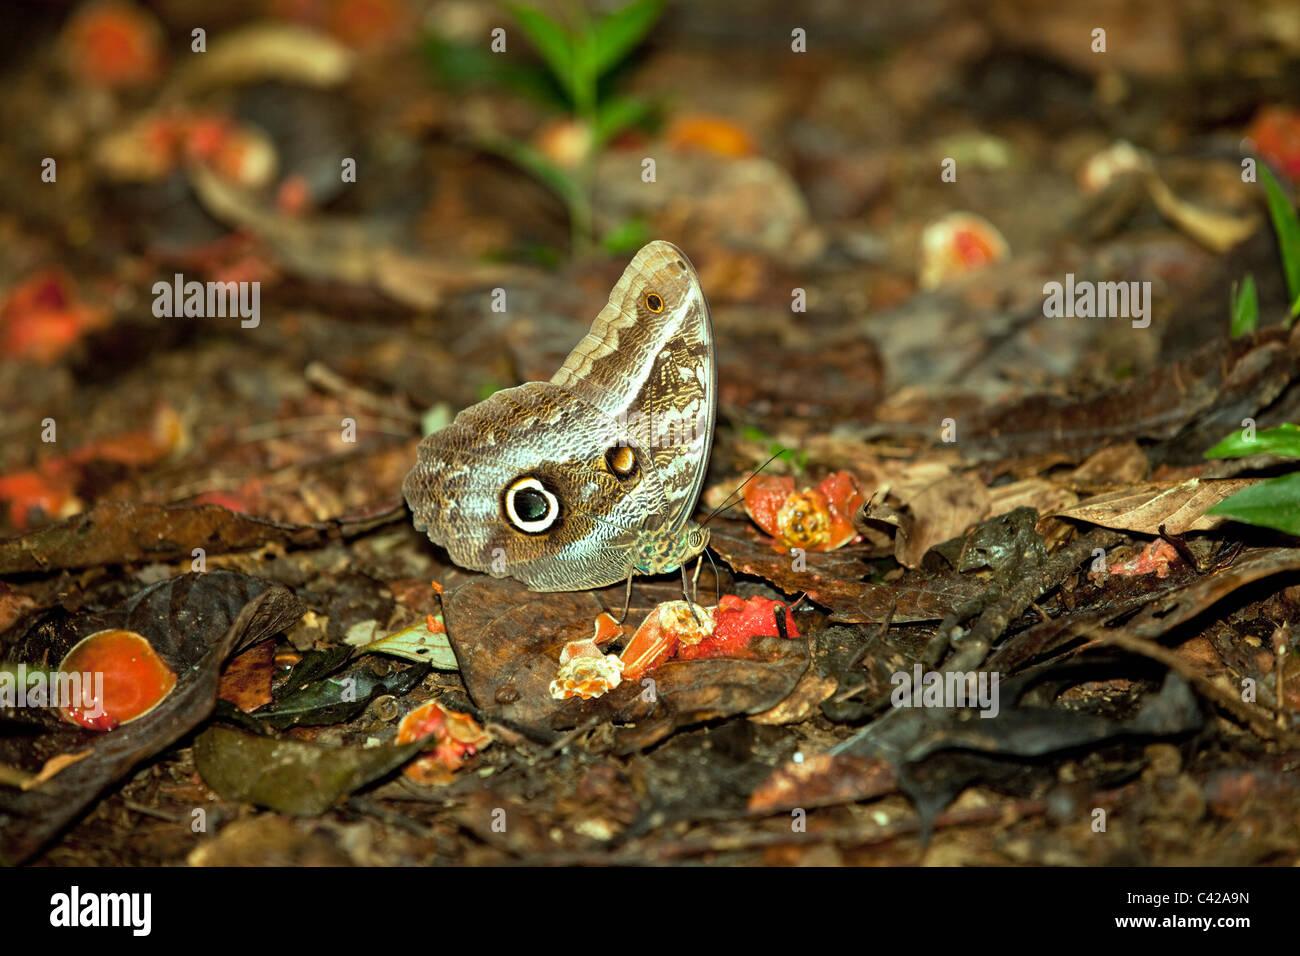 Perú, Cruz de Mayo, Parque Nacional Manu, montañas de Pantiacolla. Mariposa búho. ( Caligo Eurilochus ?) comer de fruta podrida. Foto de stock